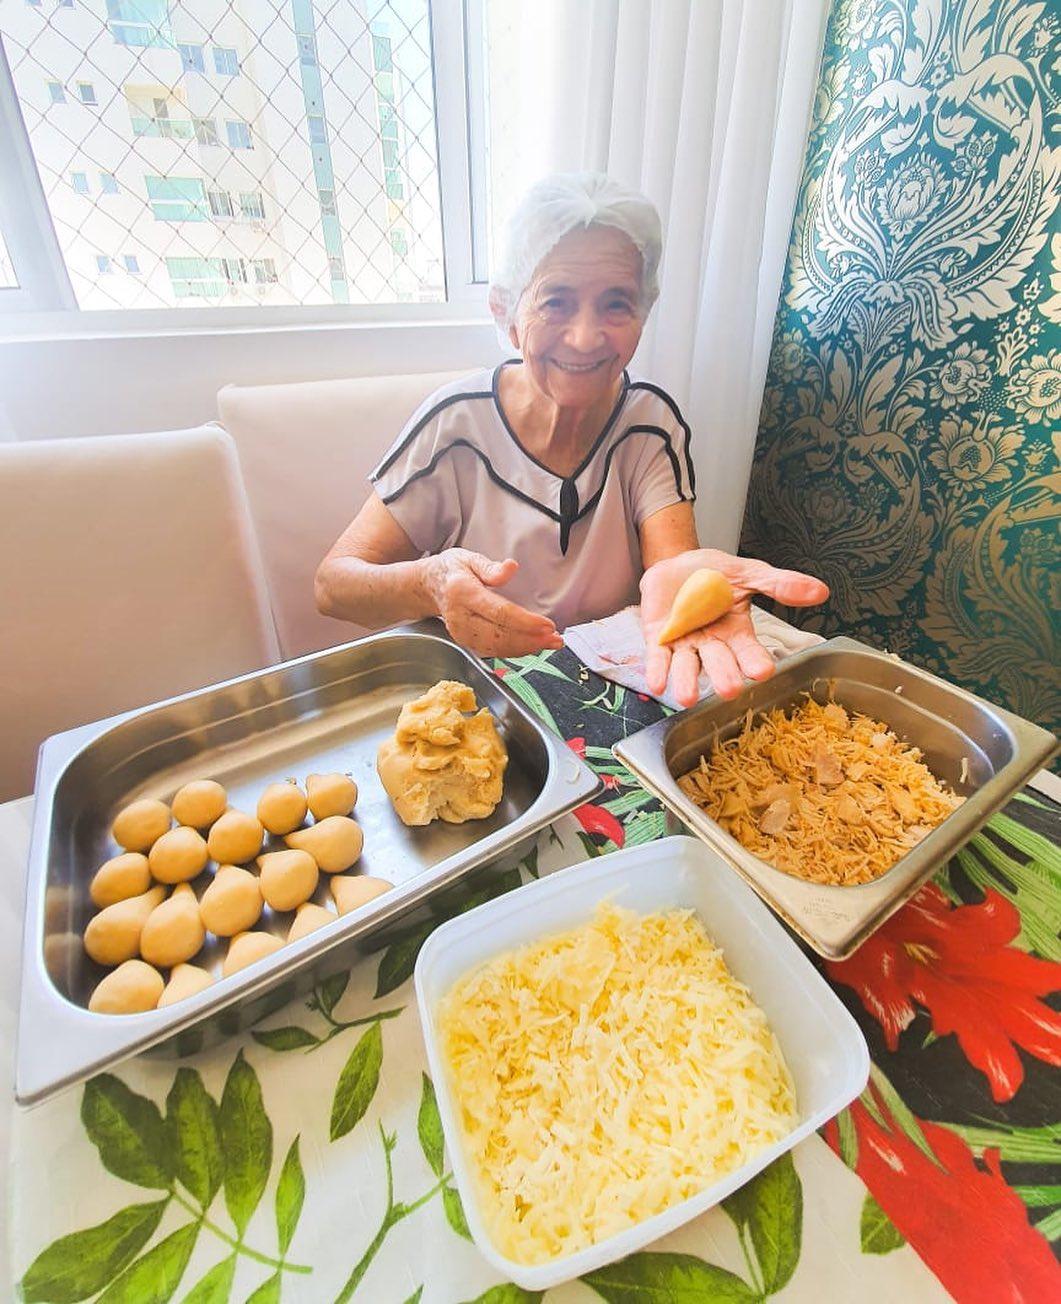 idosa preparando coxinhas sorrindo sentada mesa